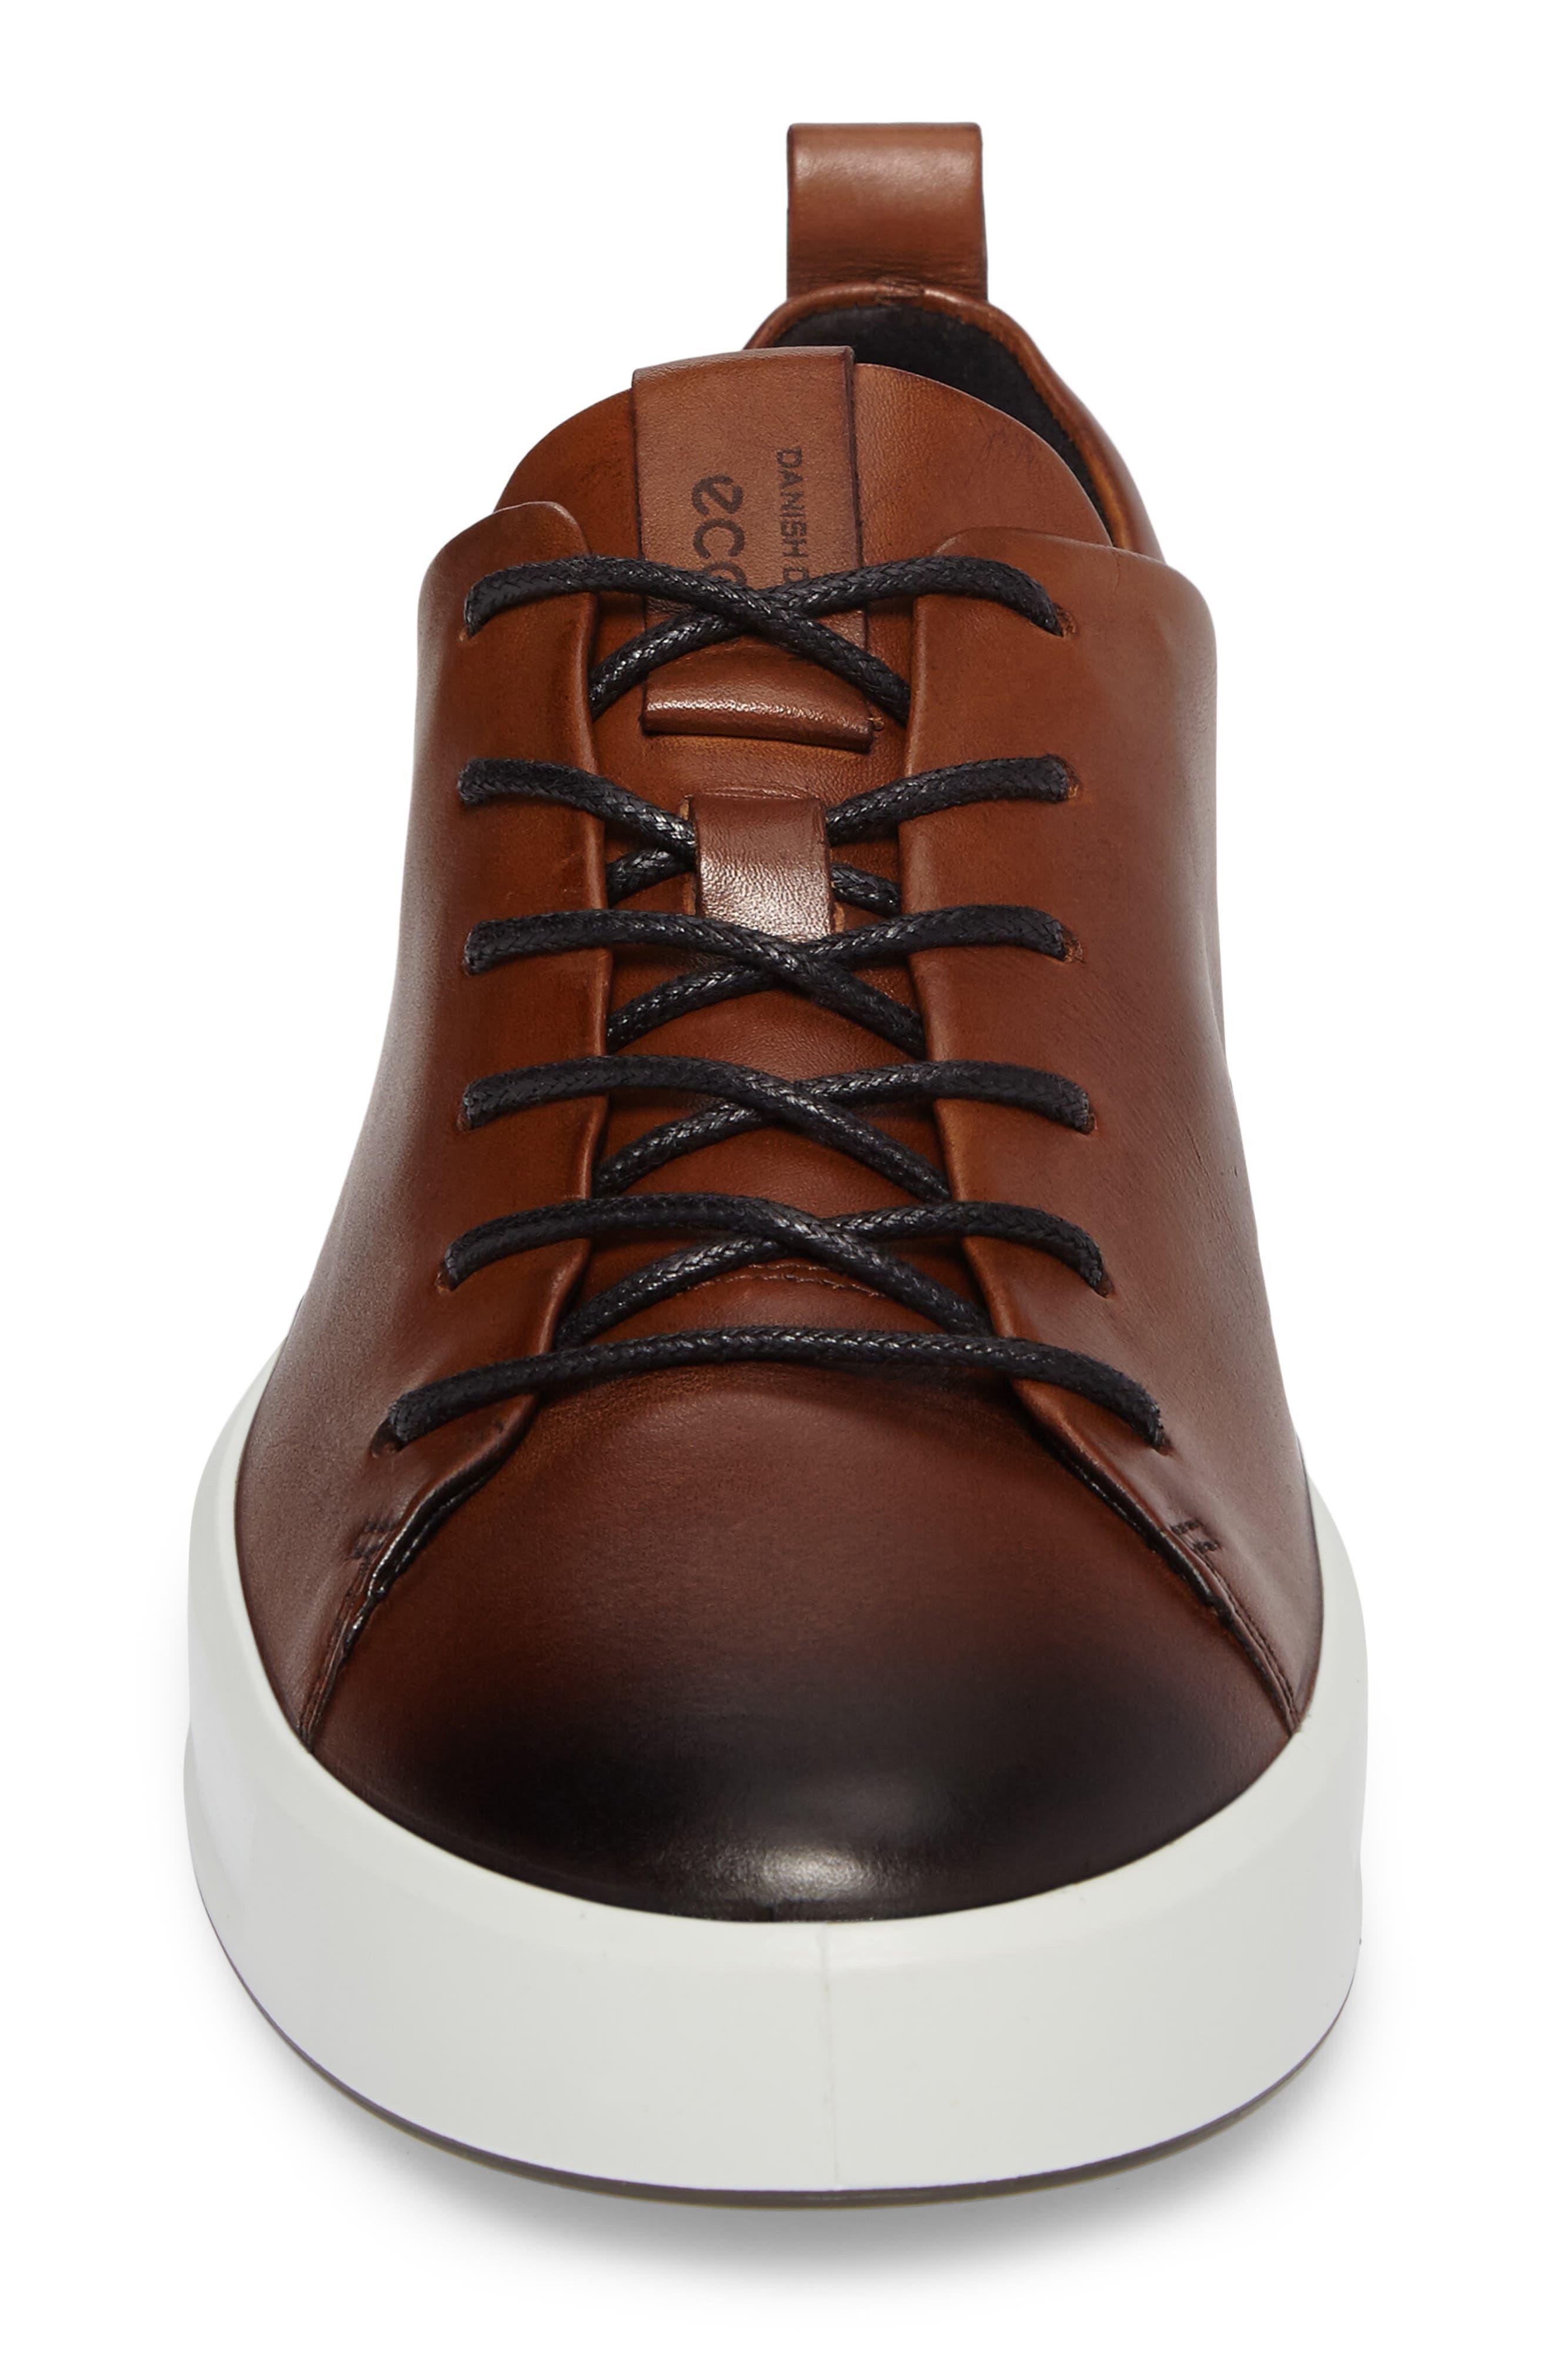 Soft 8 Street Sneaker,                             Alternate thumbnail 4, color,                             LION